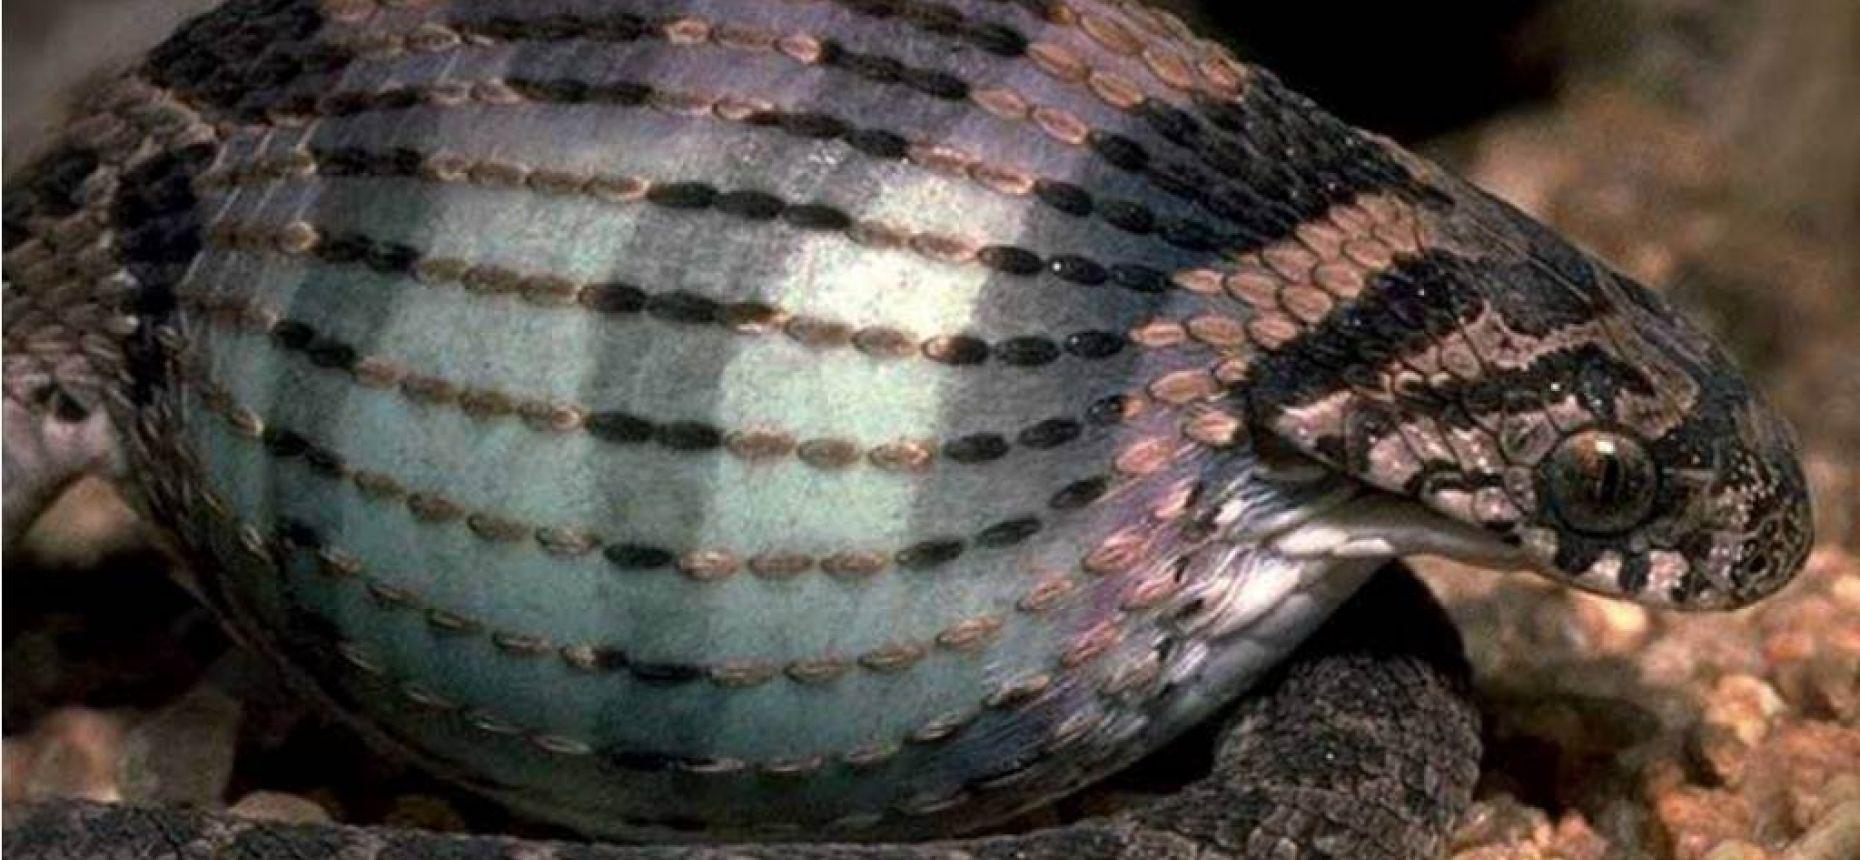 Змея питается птичьими яйцами намного больше себя